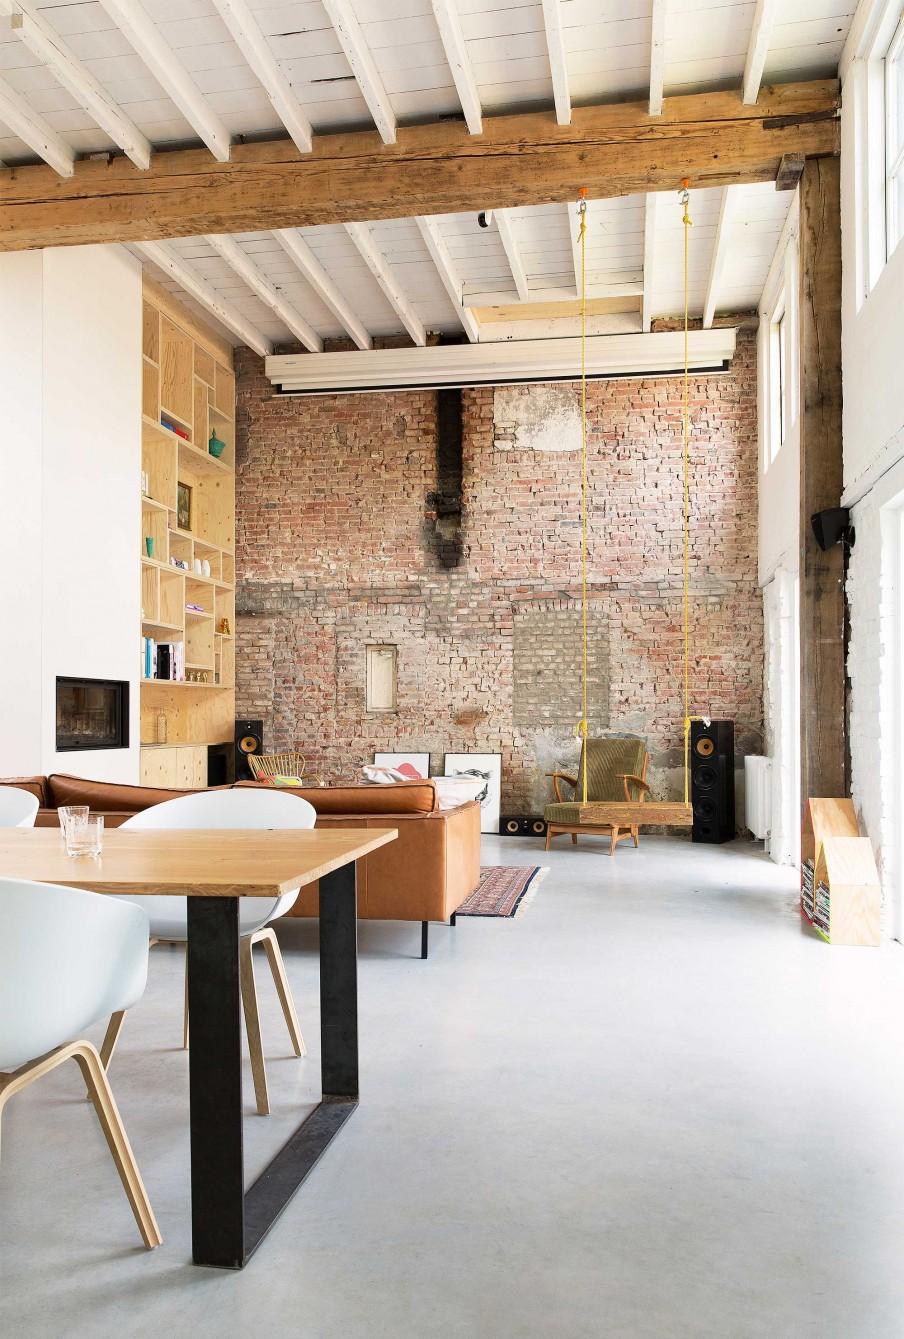 Sol En Beton Interieur une magnifique maison dans une ancienne tannerie - lili in